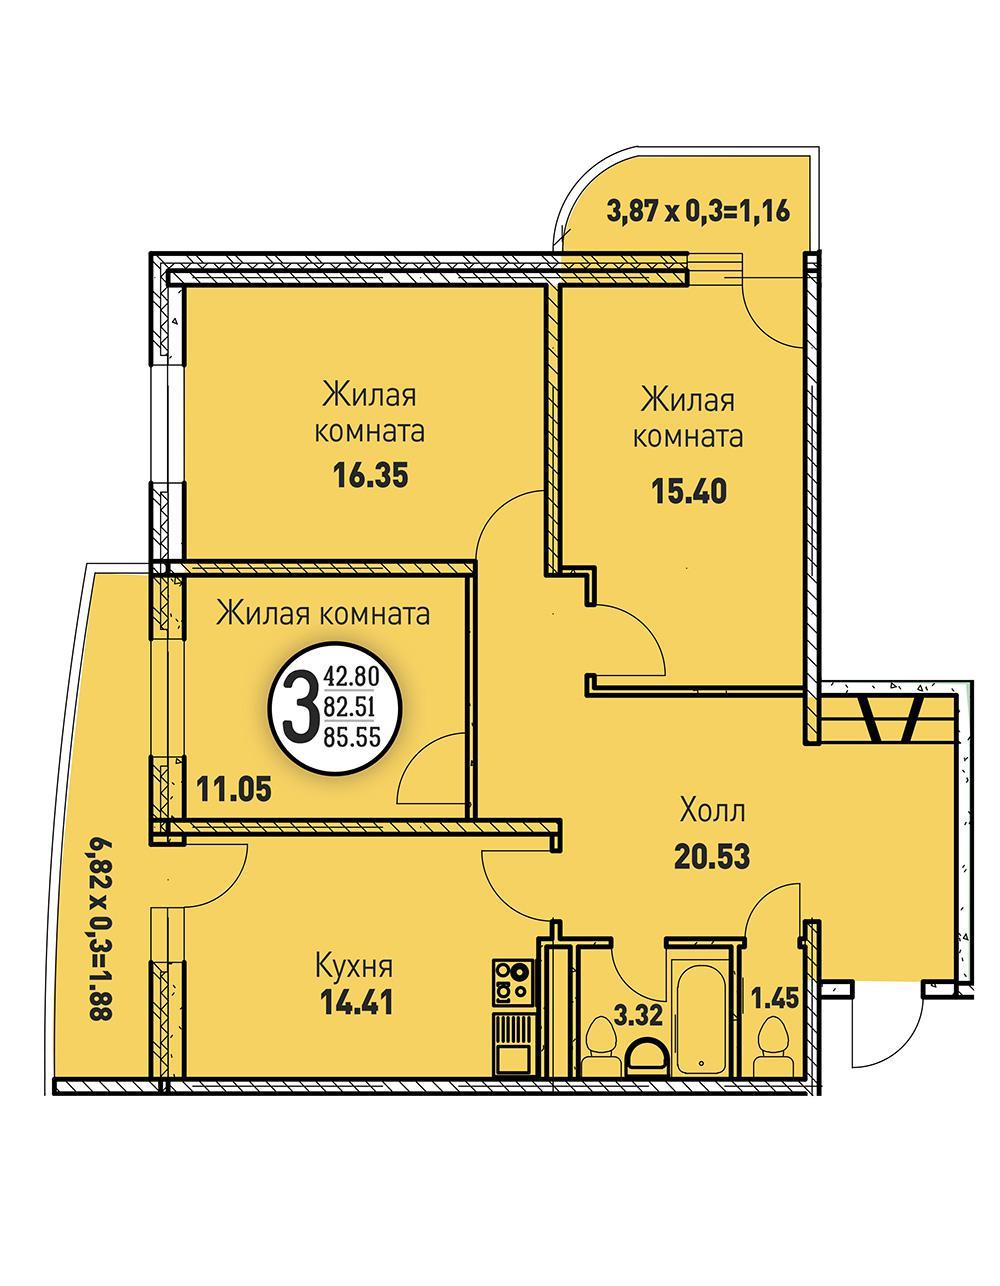 ЖК «Цветы» Квартира 85,55(Ипотечные каникулы)